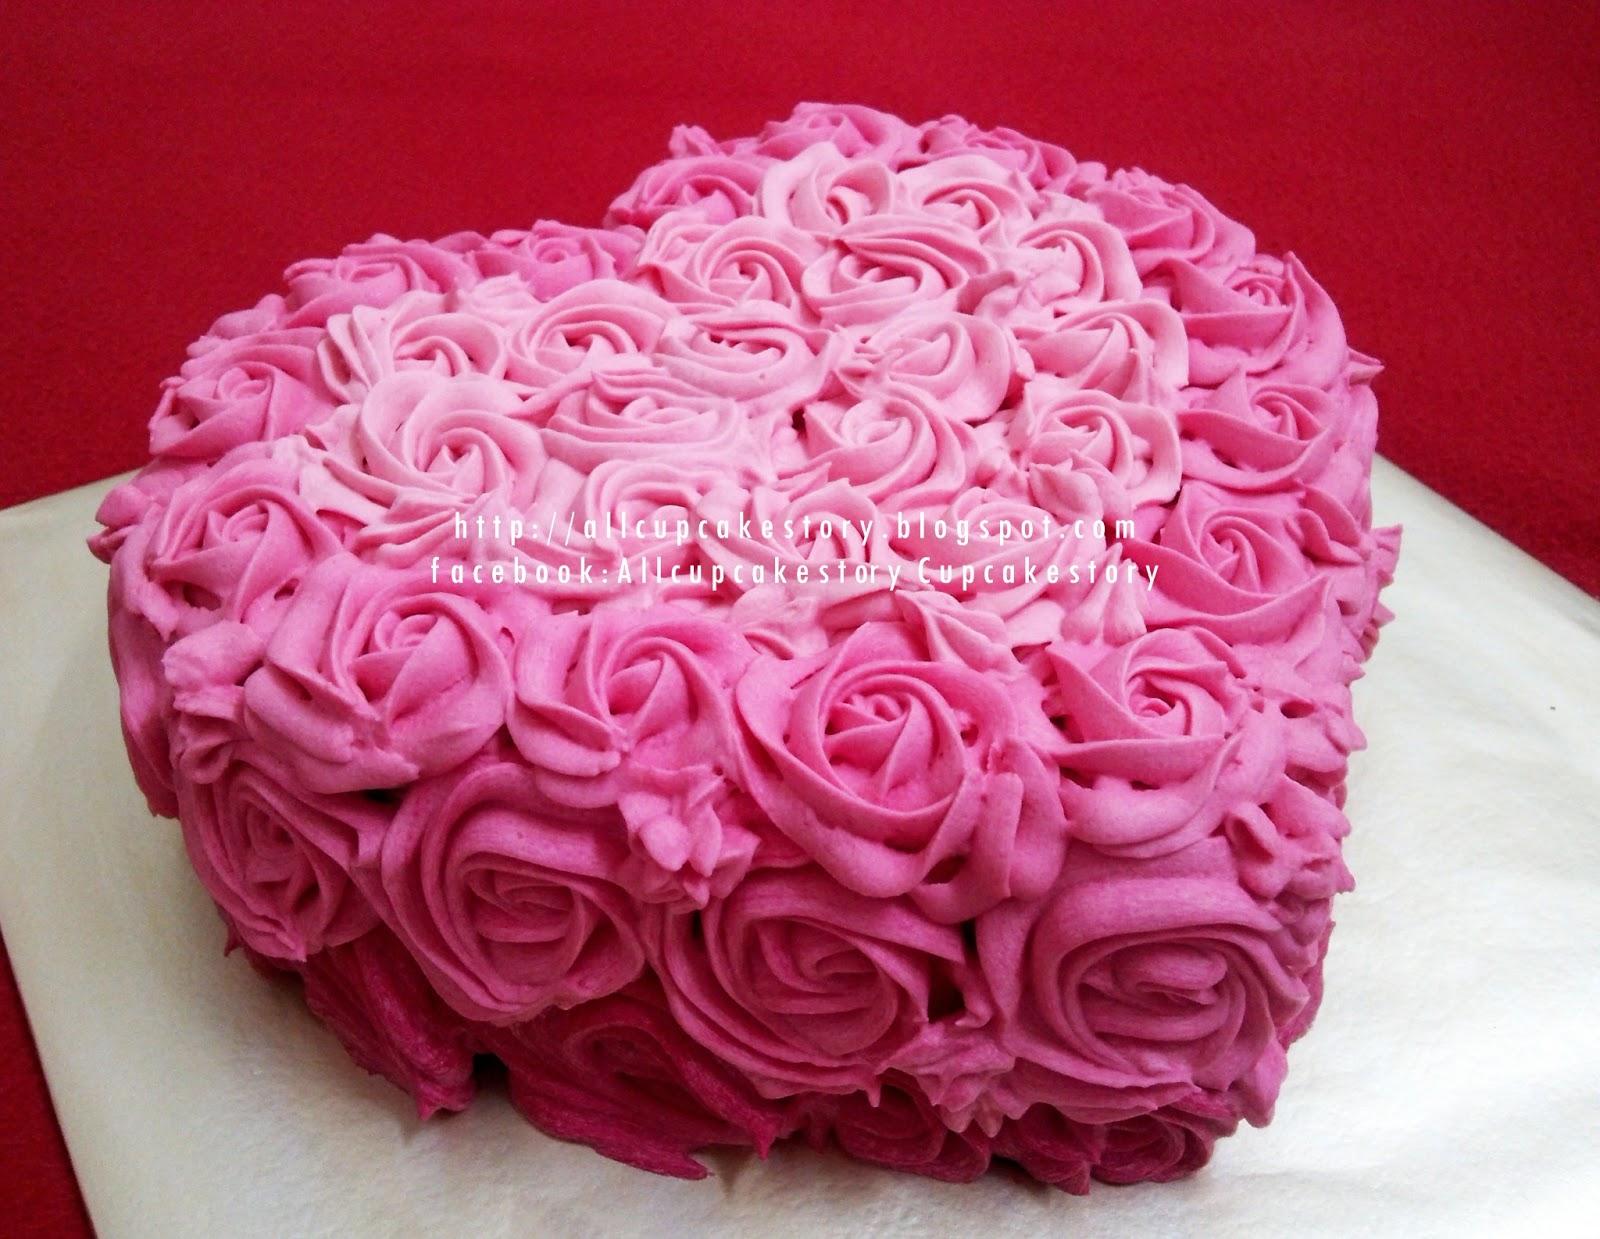 Bday Cake Images For Love : allcupcakestory: Rosette Love Birthday Cake